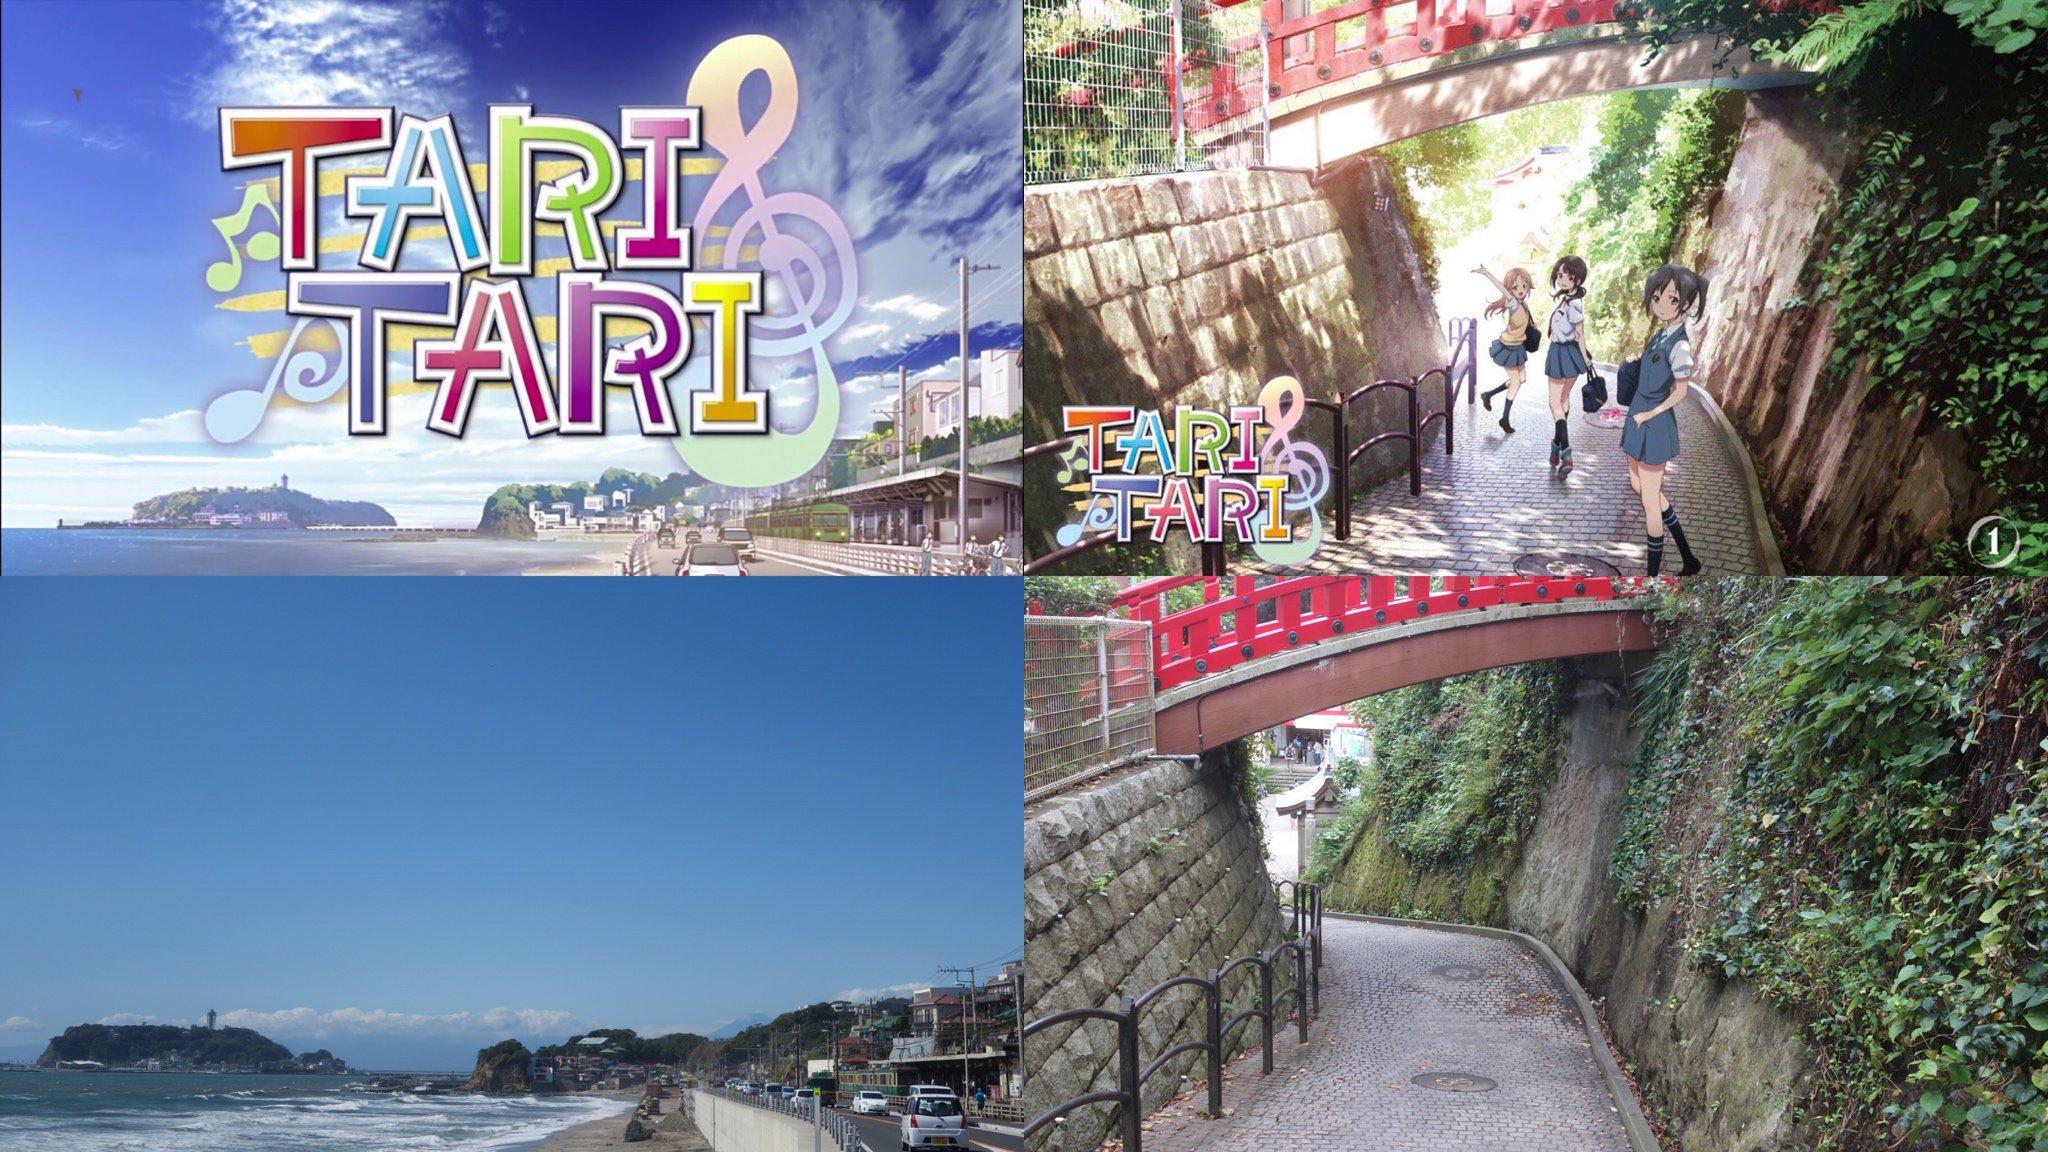 とうふや On Twitter Tari Tari 神奈川県 鎌倉市 藤沢市